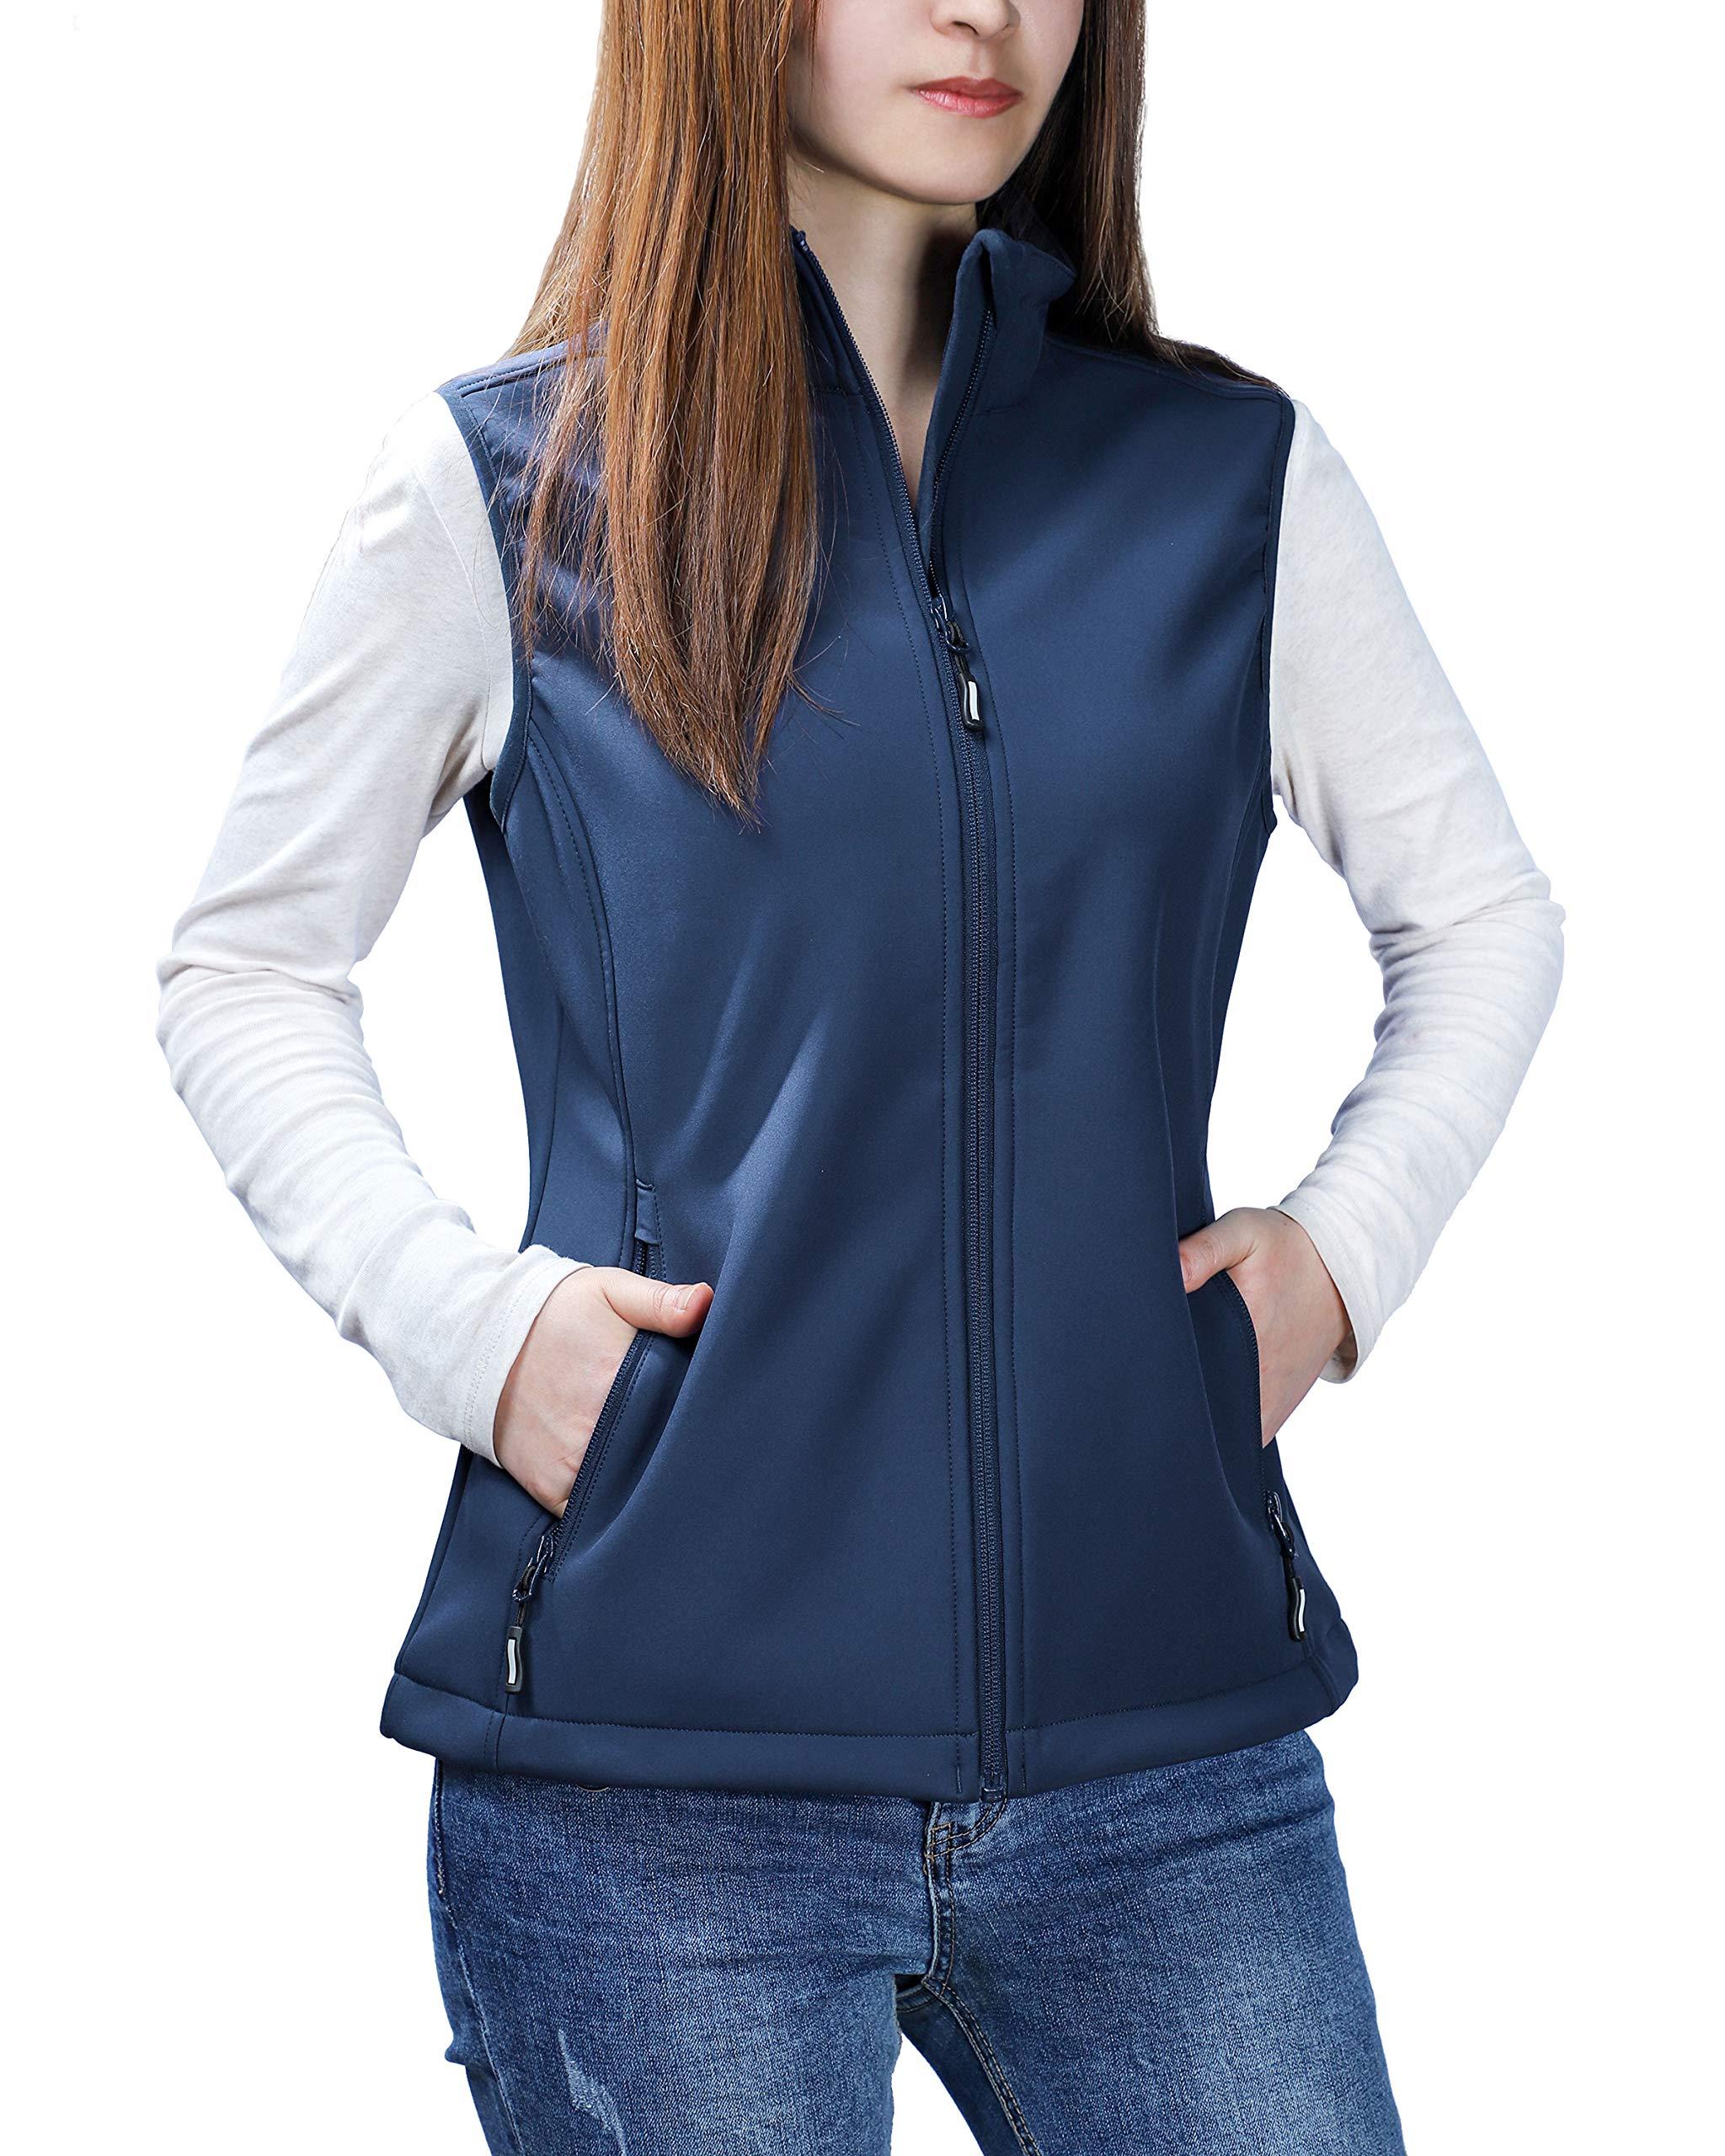 Outdoor Ventures Women's Mia Lightweight Sleeveless Fall Windproof Soft Bonded Fleece Softshell Zip Vest Navy by Outdoor Ventures